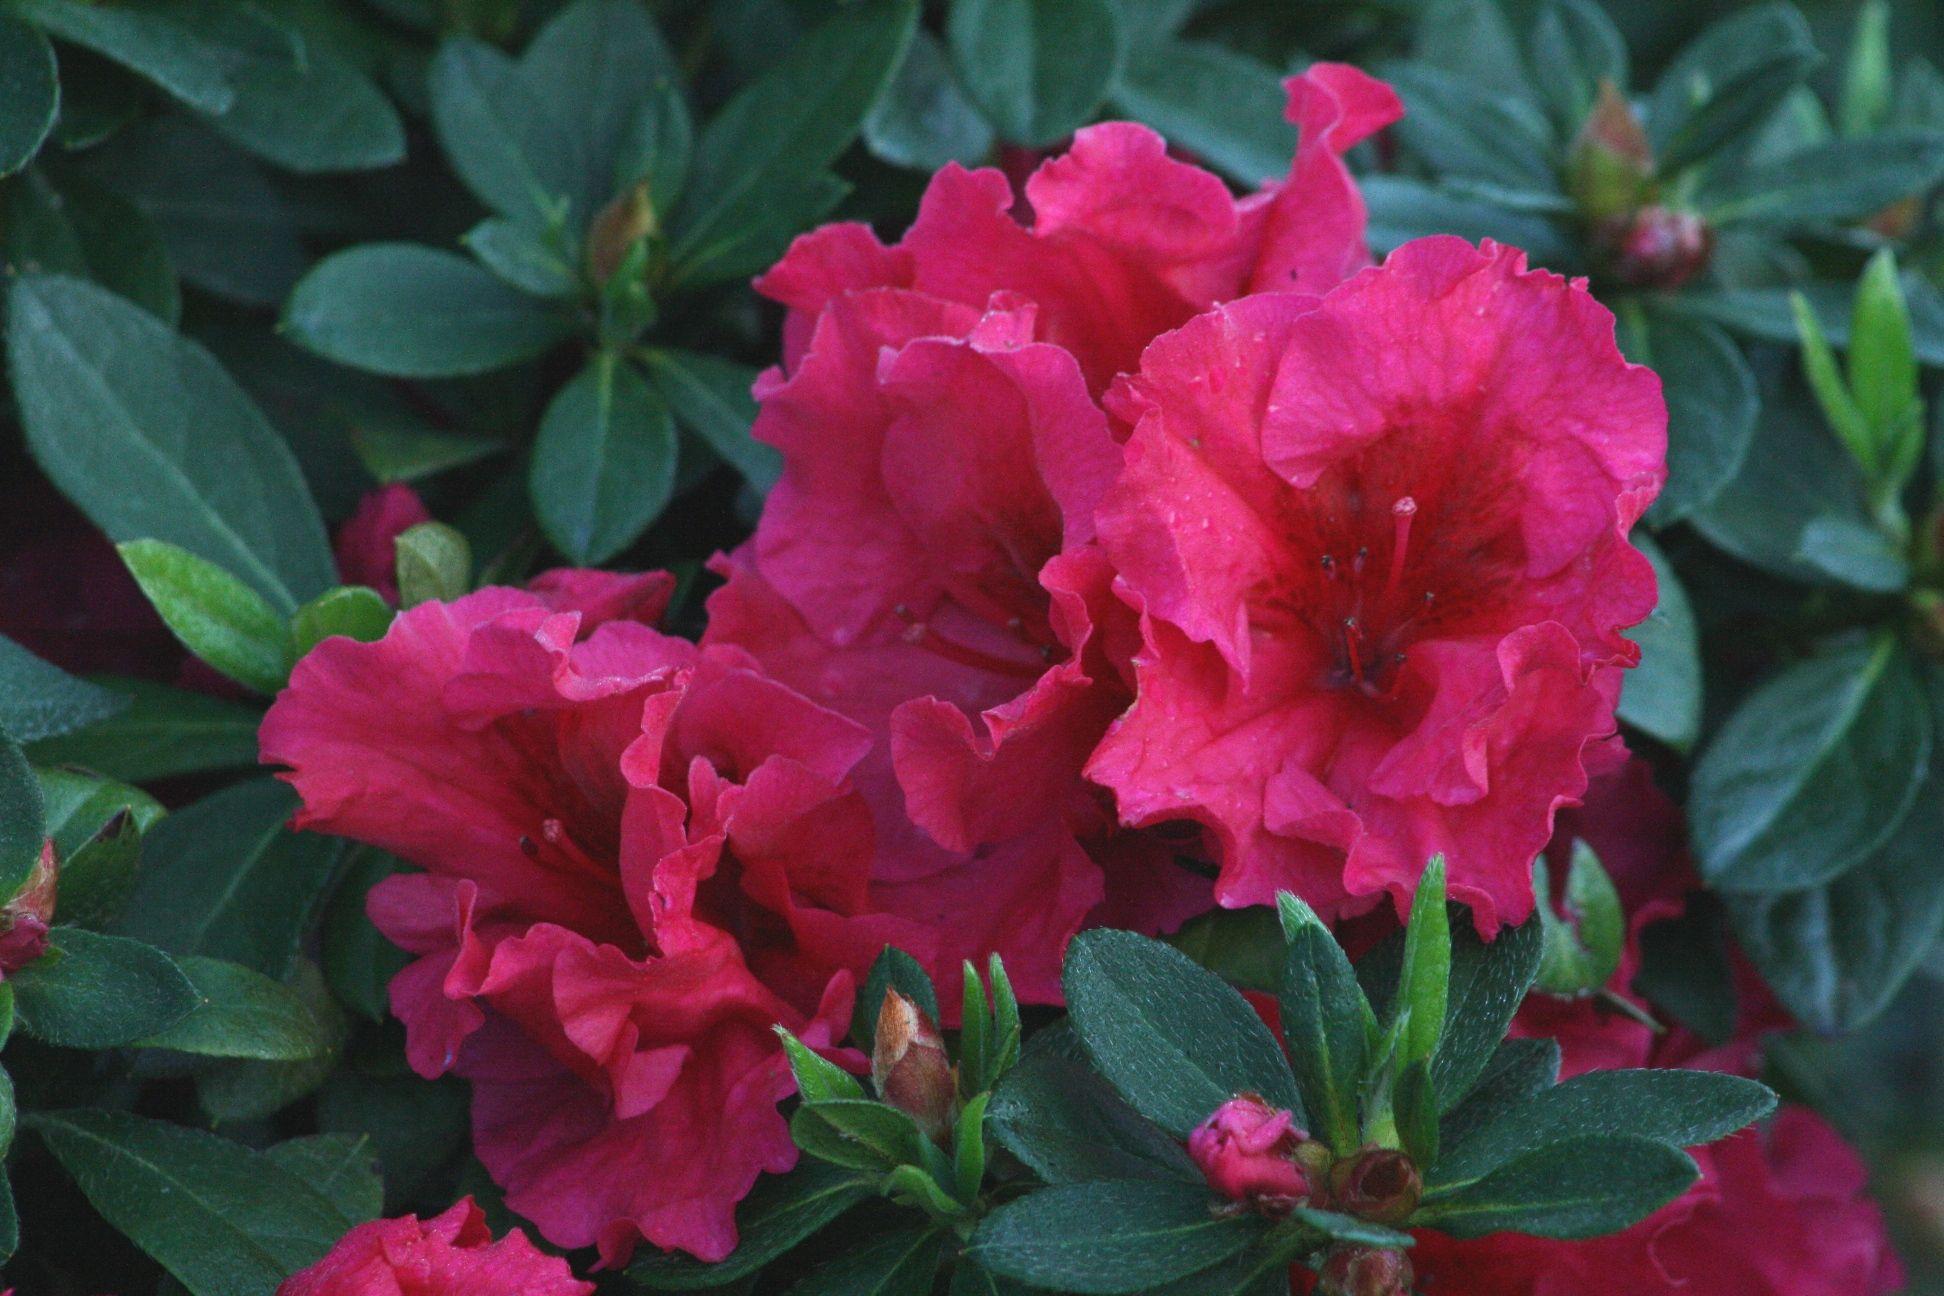 Red Ruffles Azalea Monrovia Red Ruffles Azalea